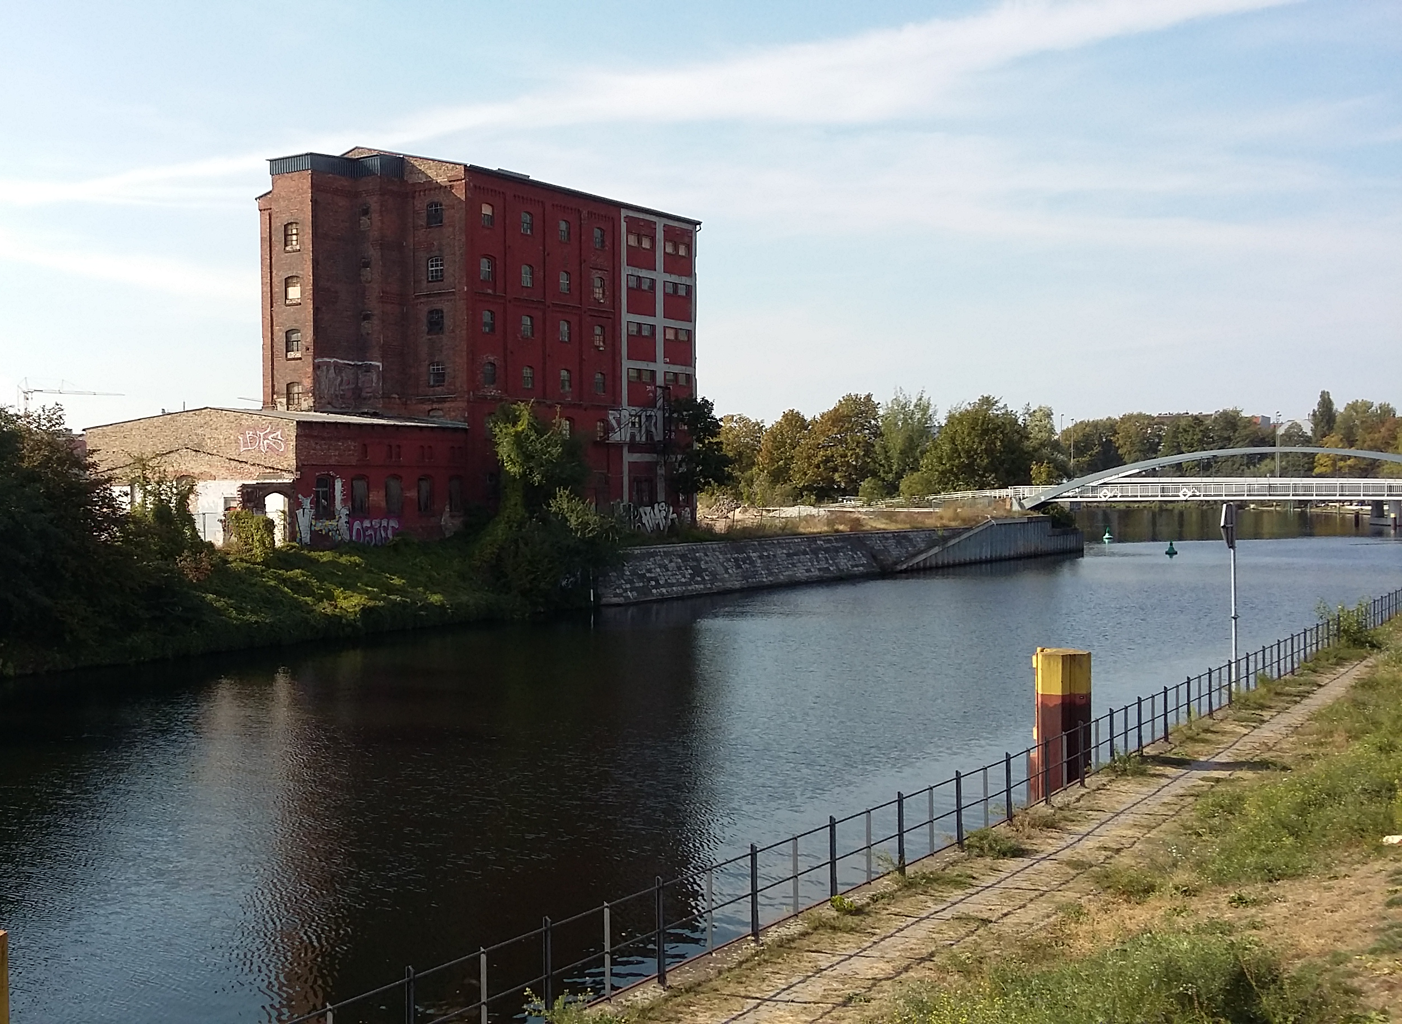 Uferweg am Nordhafen: Blick auf ein vermutlich leerstehendes Industriegebäude in der Heidestraße